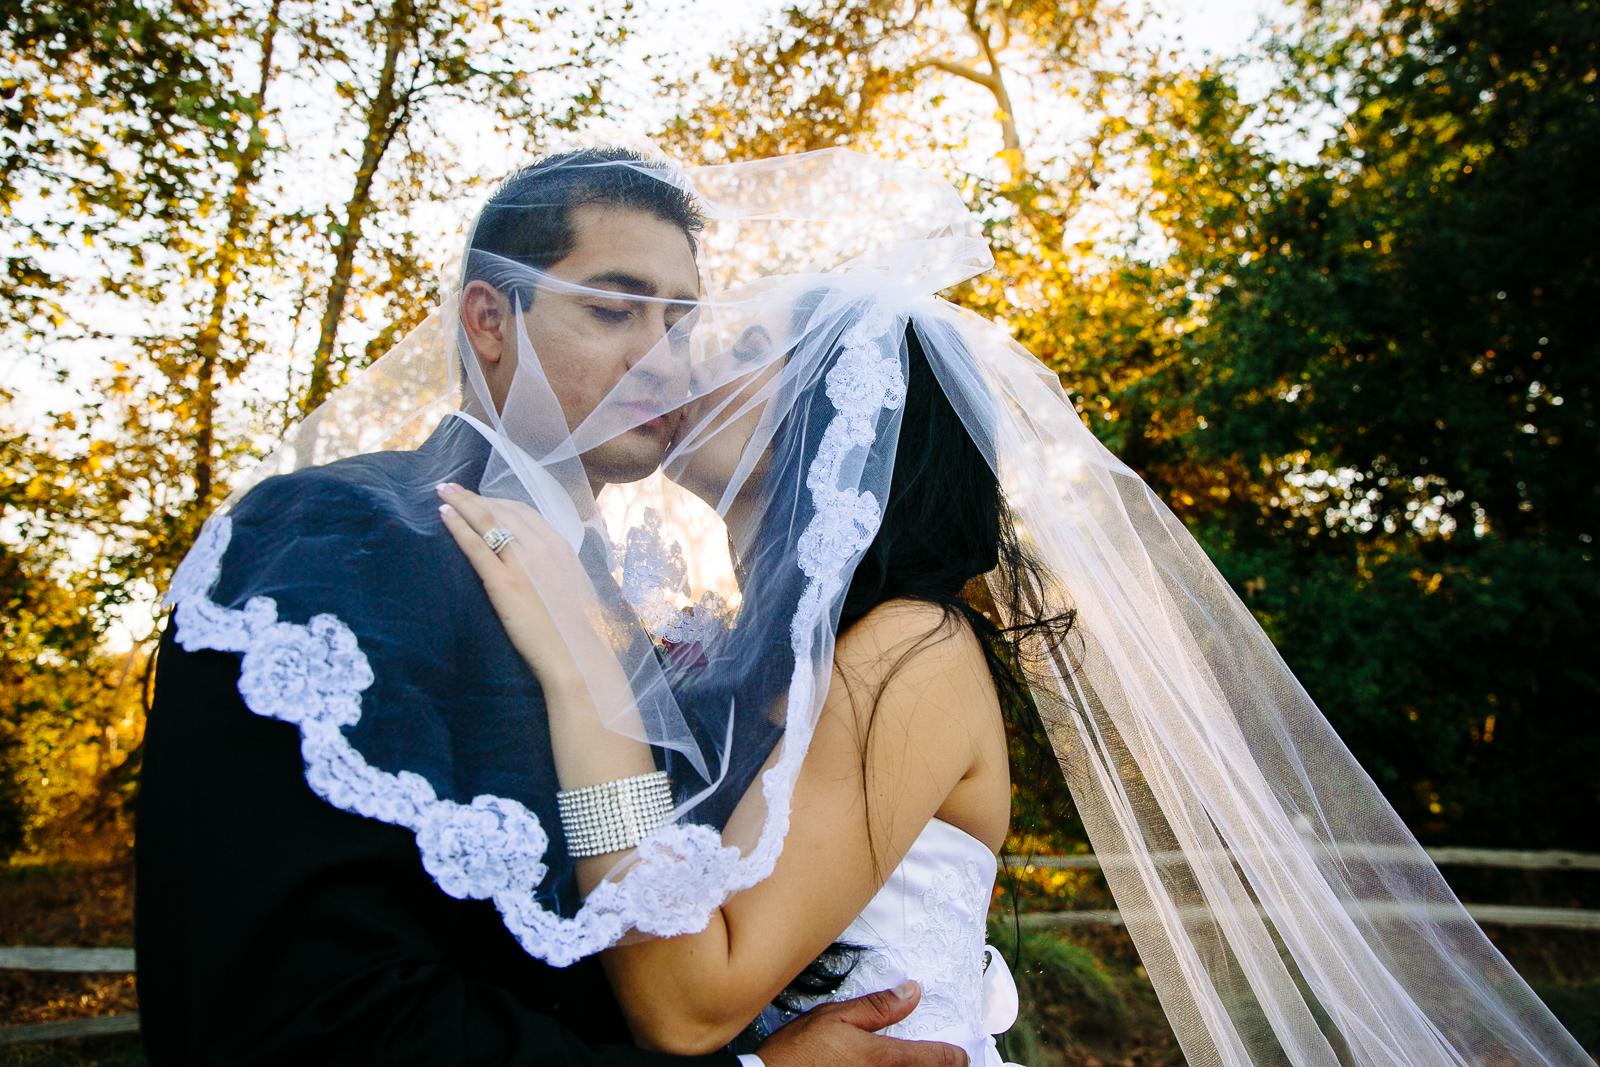 STACIE_&_JESUS_WEDDING_WEDGEWOOD_FALLBROOK_2015_2015_IMG_4687.JPG